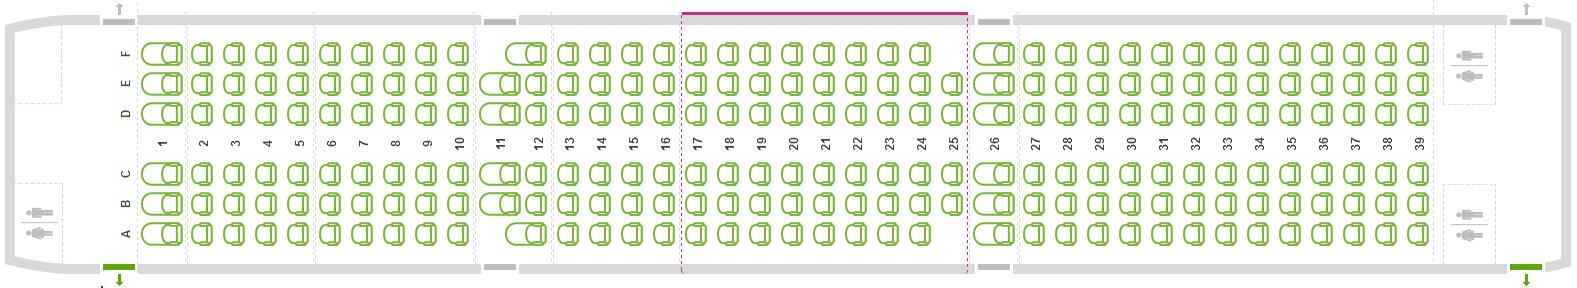 A légitársaság foglalási rendszerében már meg is jelent az A321-es seat map-je, melyen az utasok kiválaszthatják helyüket a repülőgép 230 ülőhelye egyikén. (Kép forrása: Wizz Air foglalási rendszer) | © AIRportal.hu